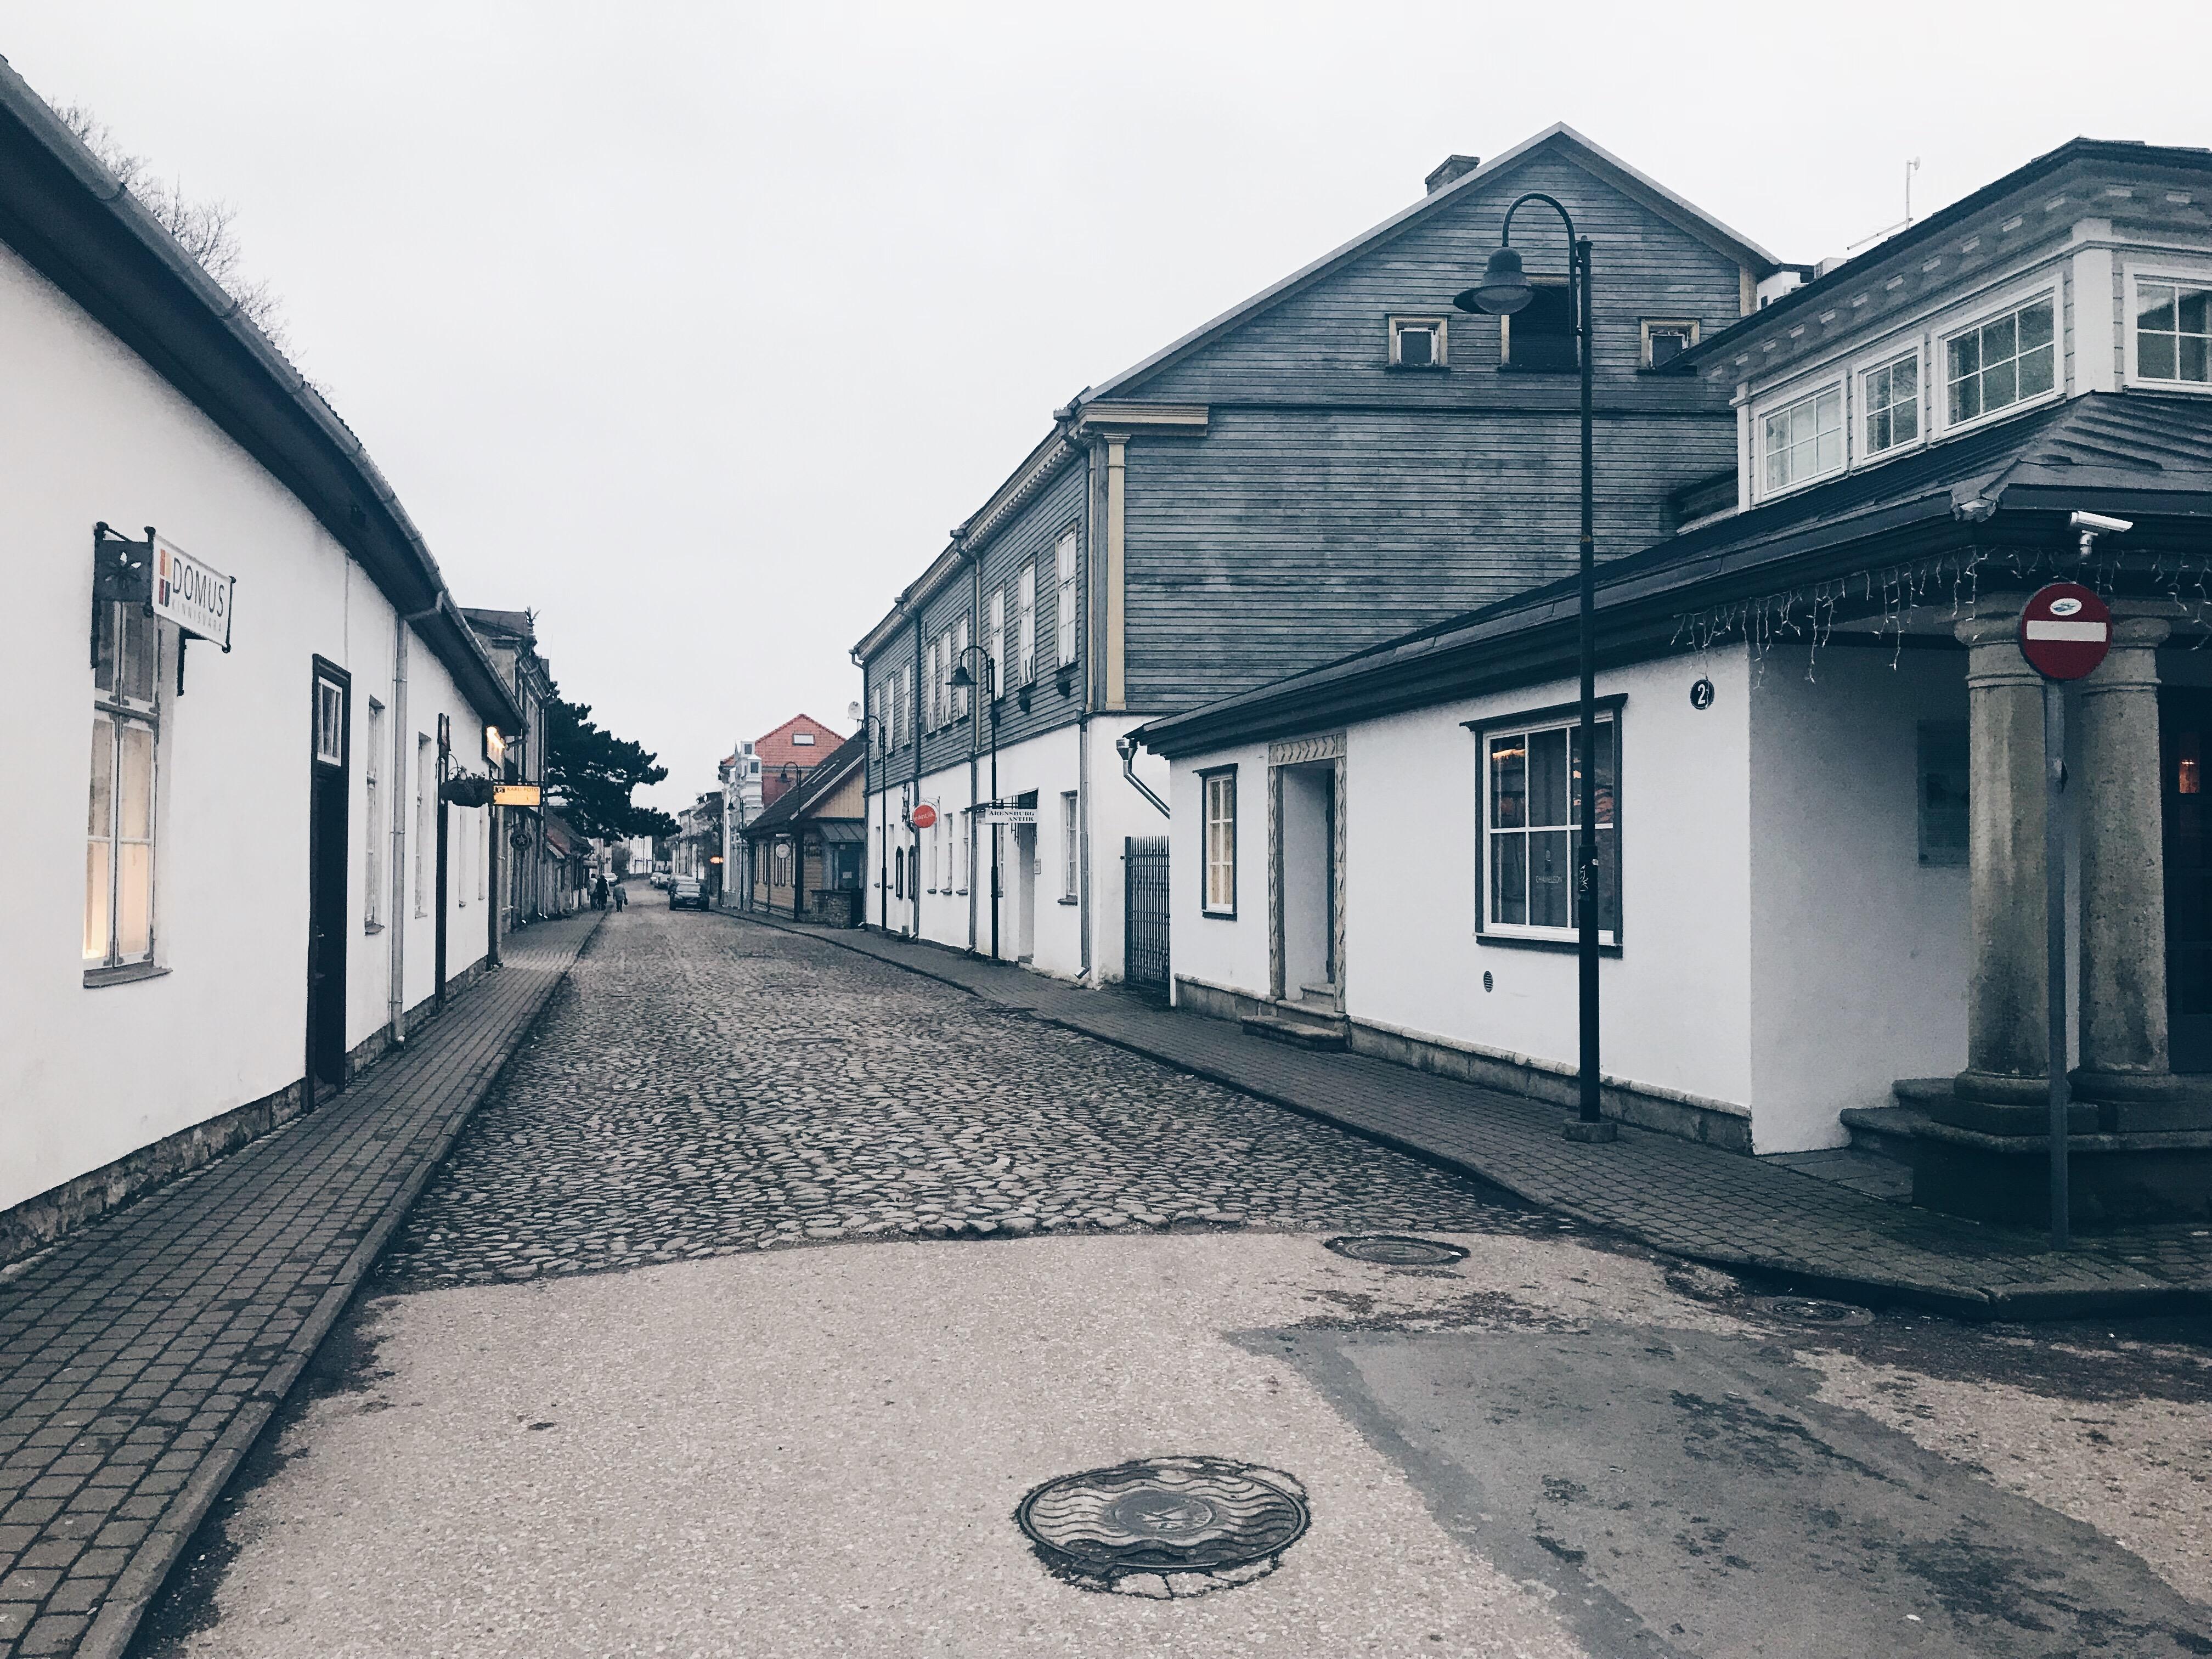 Streets of Kuressaare